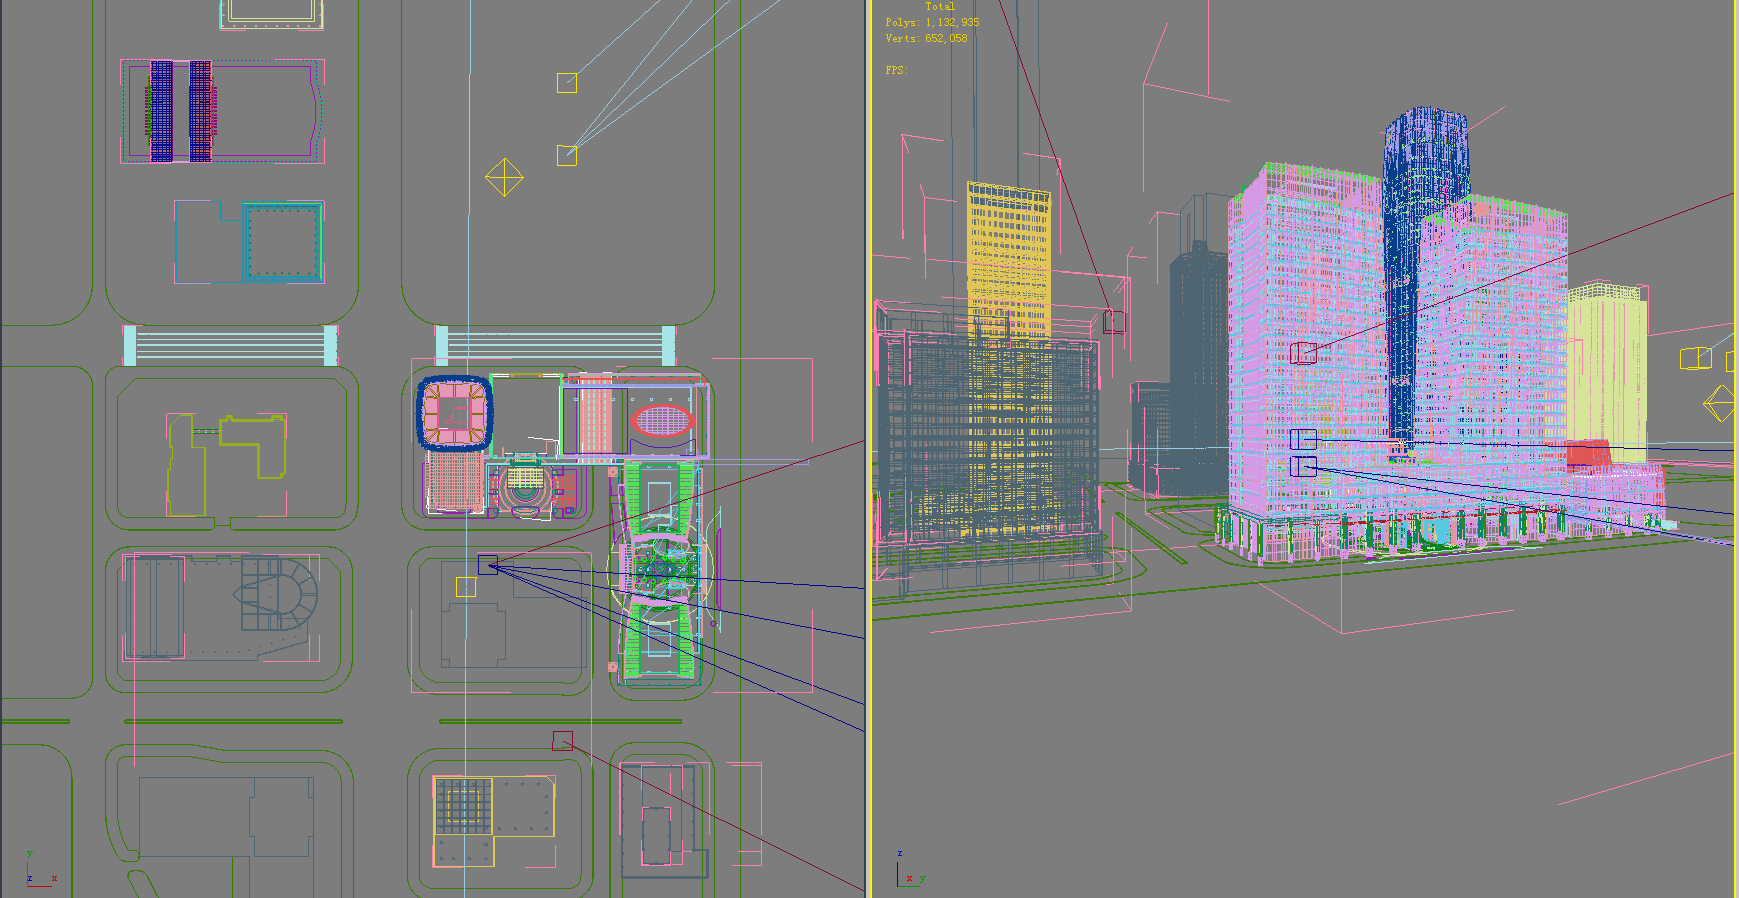 хот суурин газрын дизайн 099 3d загвар max psd 121491